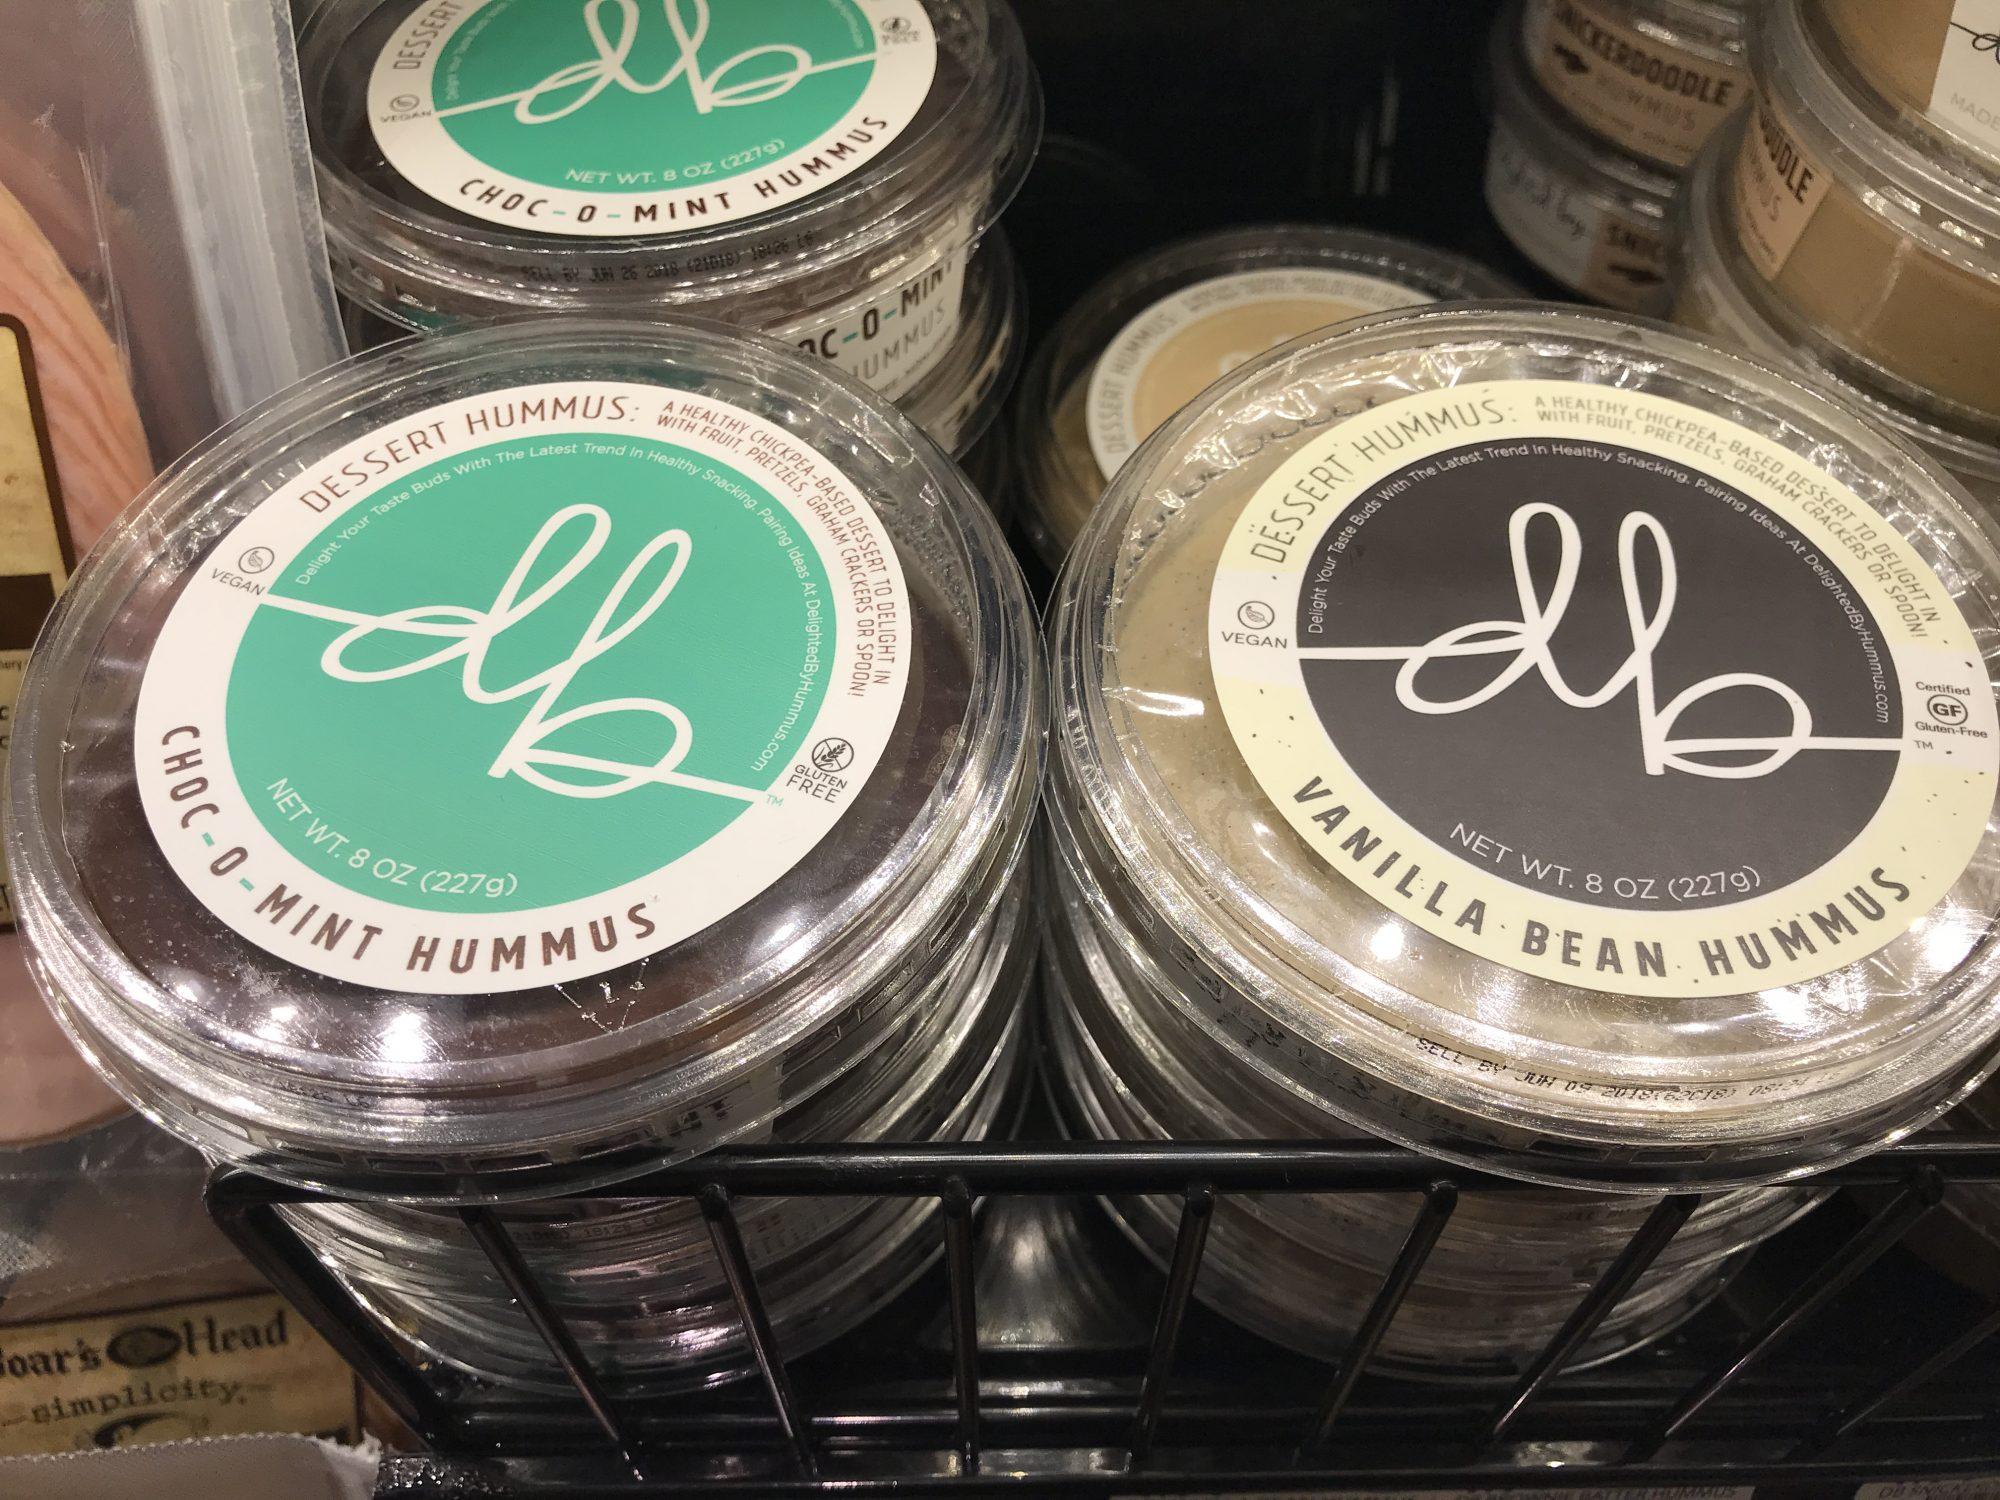 Dessert Hummus image